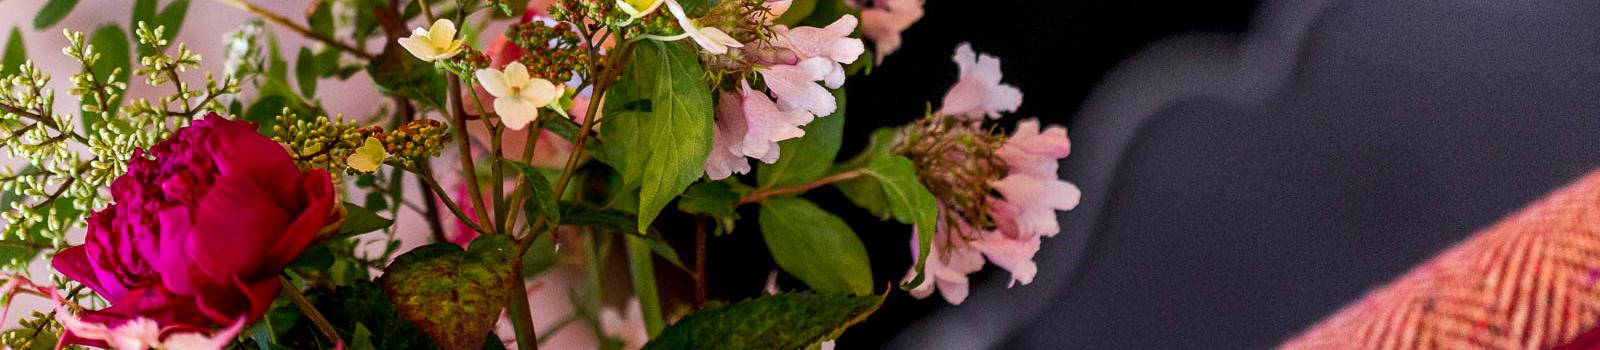 fleurs du clos de grace